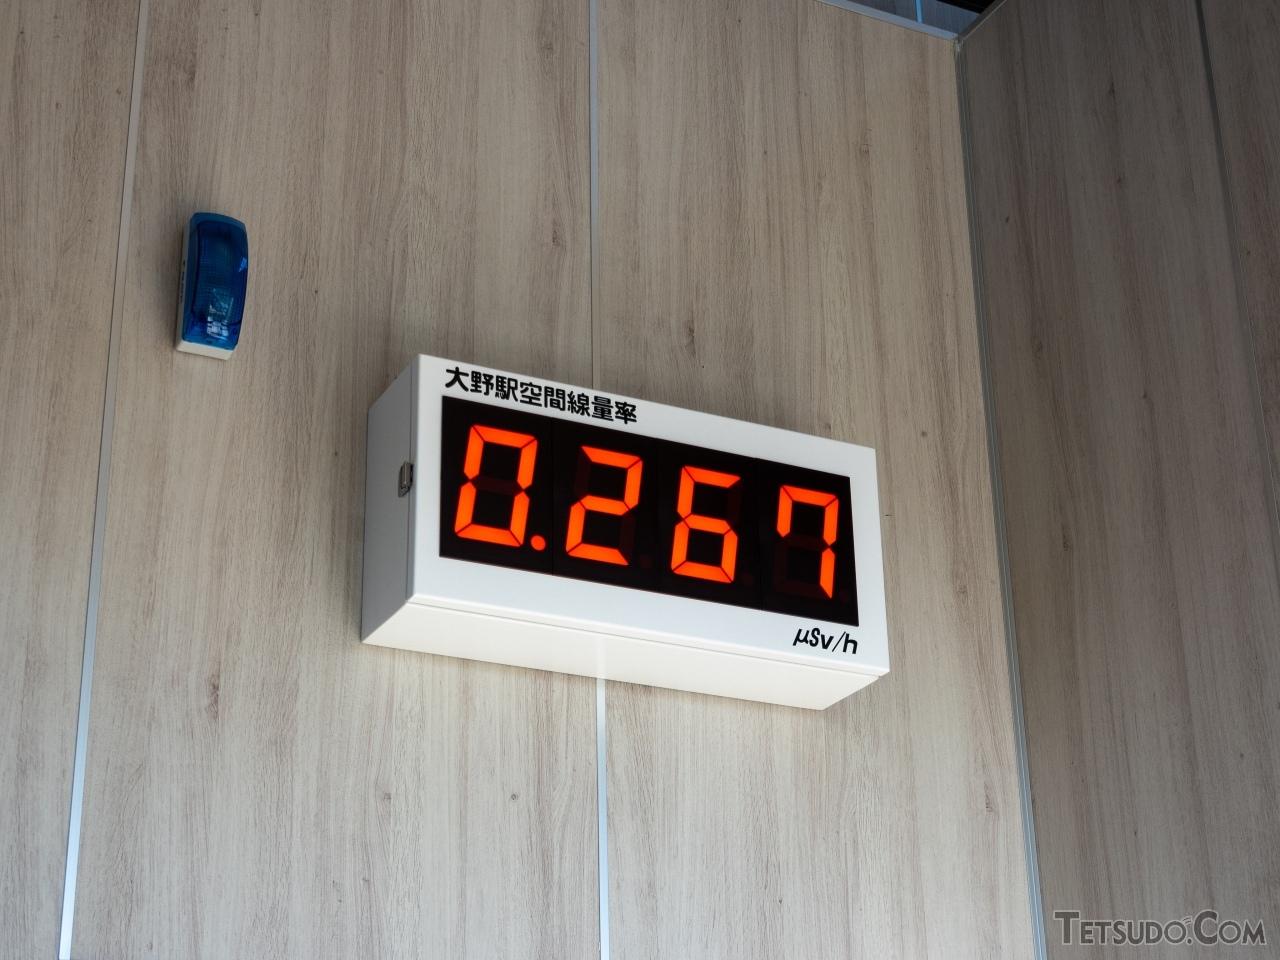 各駅には空間線量率表示器が設置されており、今現在の放射線量を確認できる。駅周辺はいずれも問題のないレベル